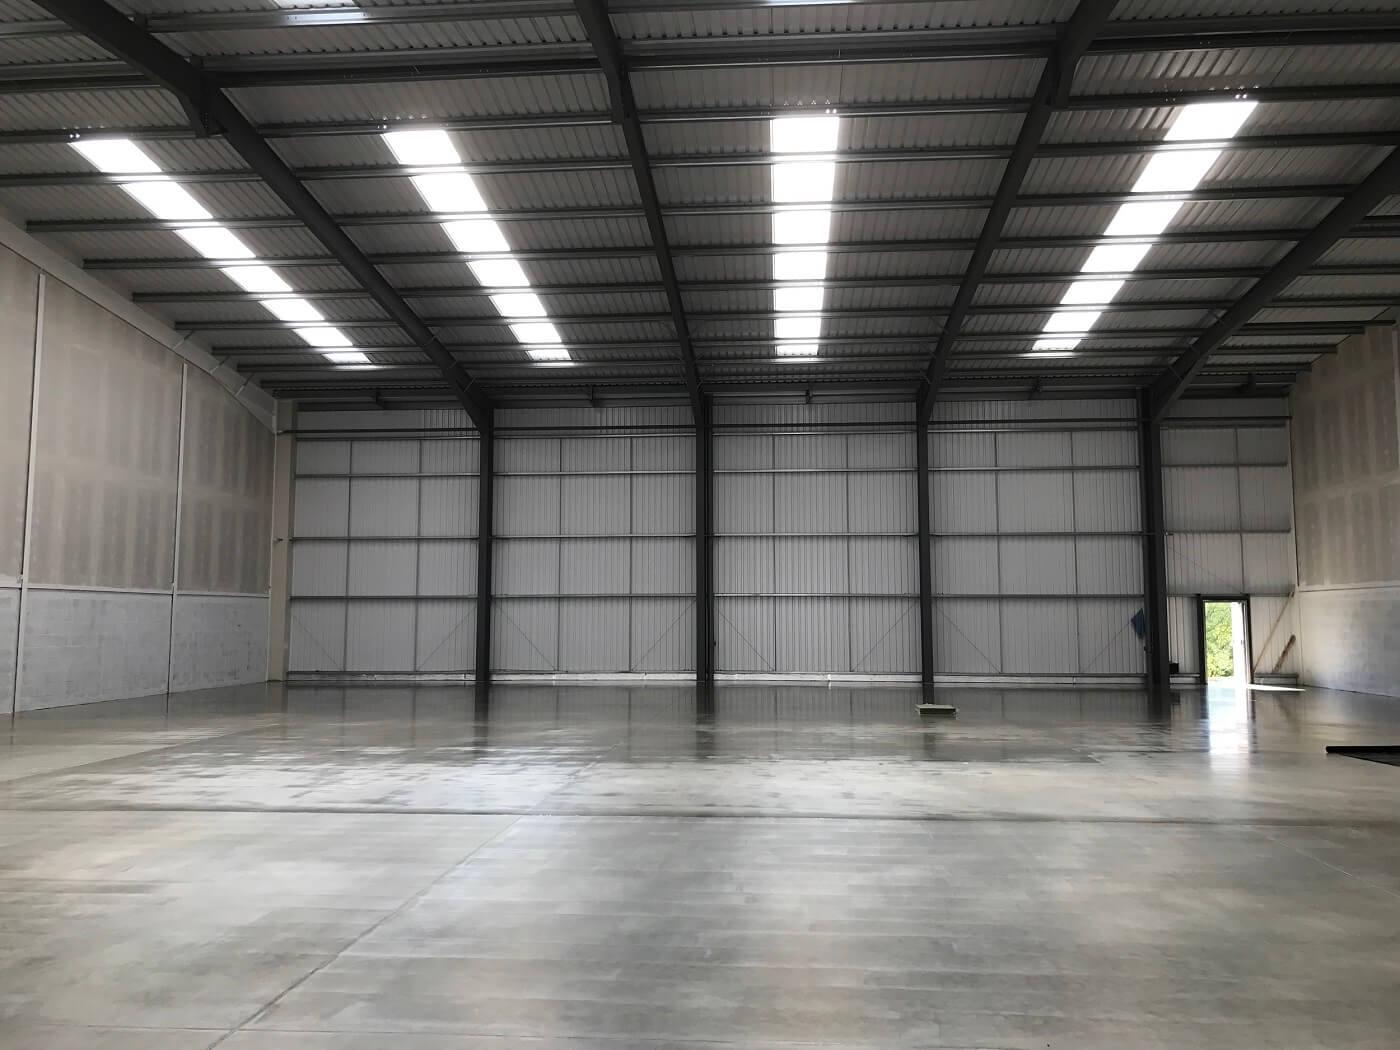 Mezzanine floor recently installed in warehouse